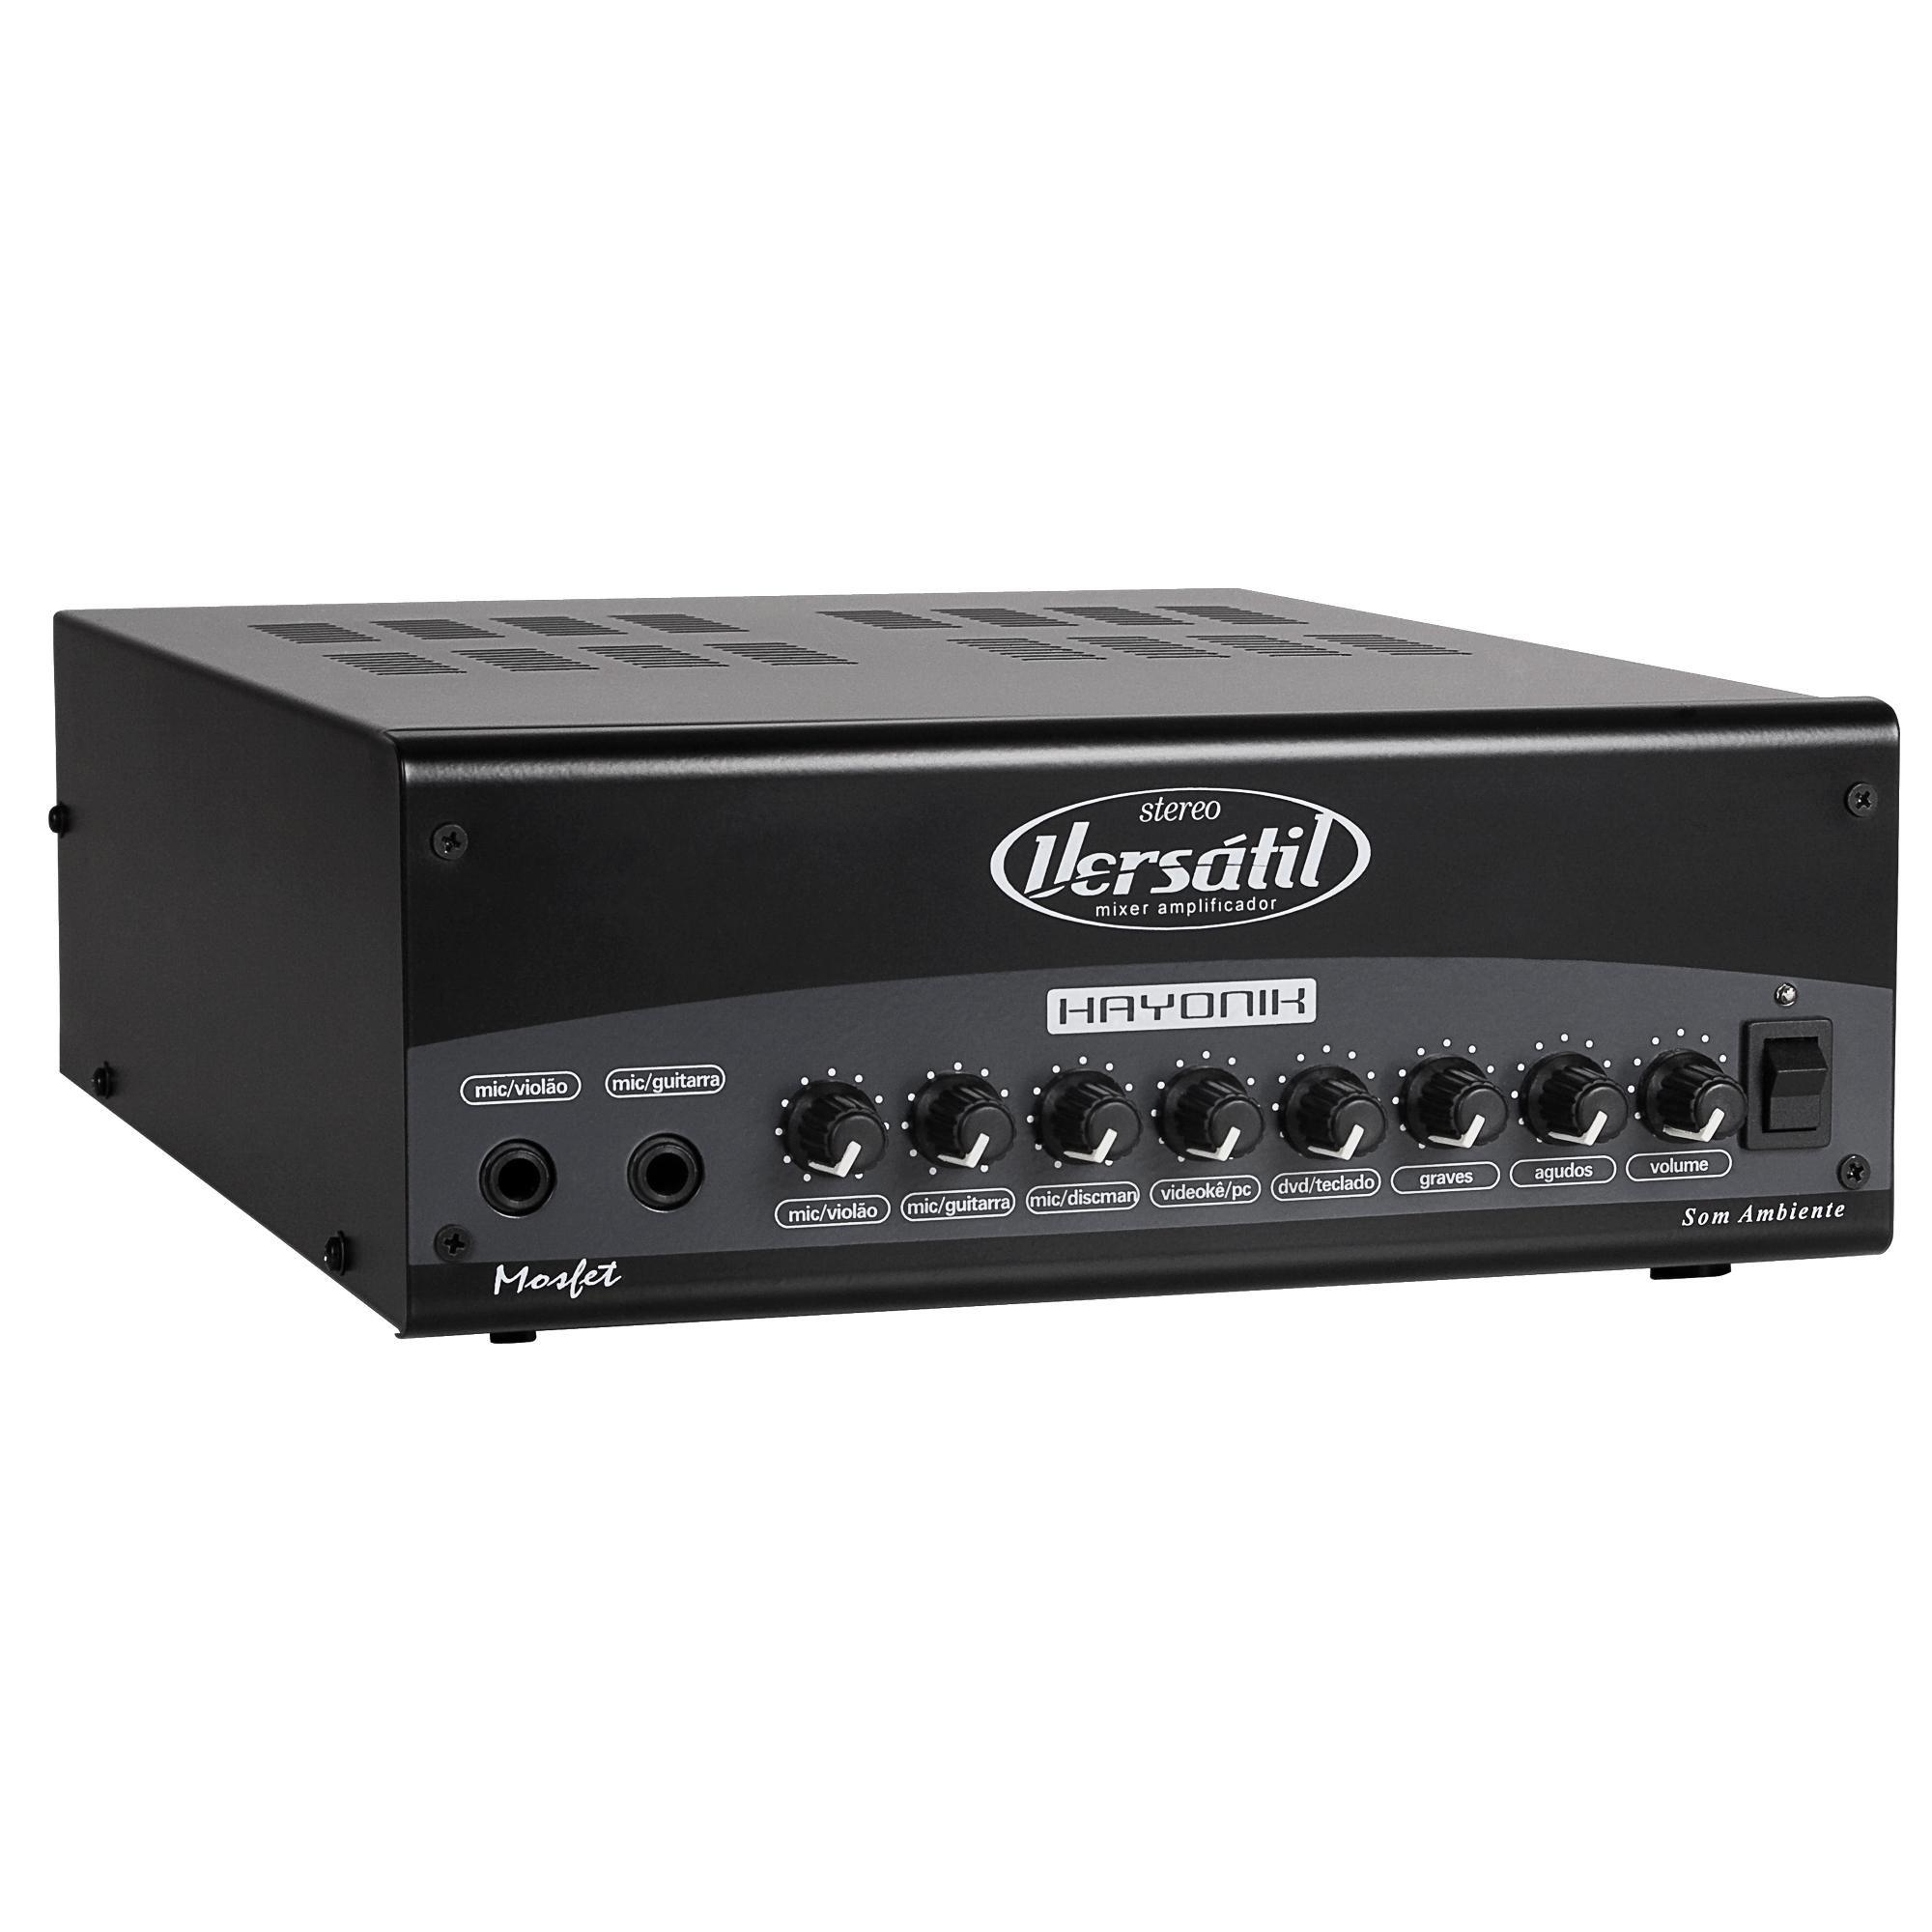 Amplificador Hayonik Versatil Stereo 180W